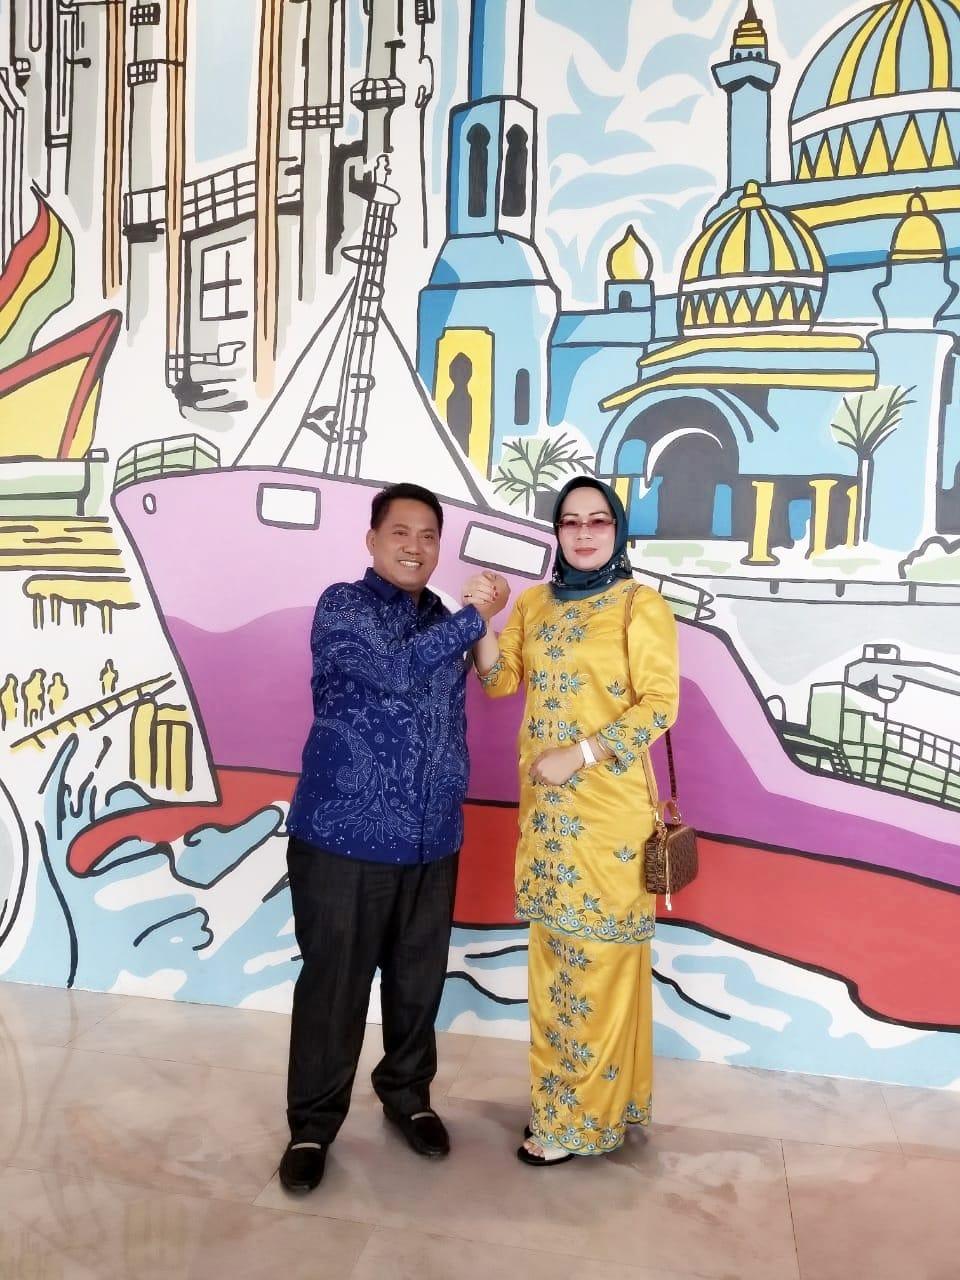 Nita Ariani, Bakal Calon Wakil Walikota Yang Diperebutkan